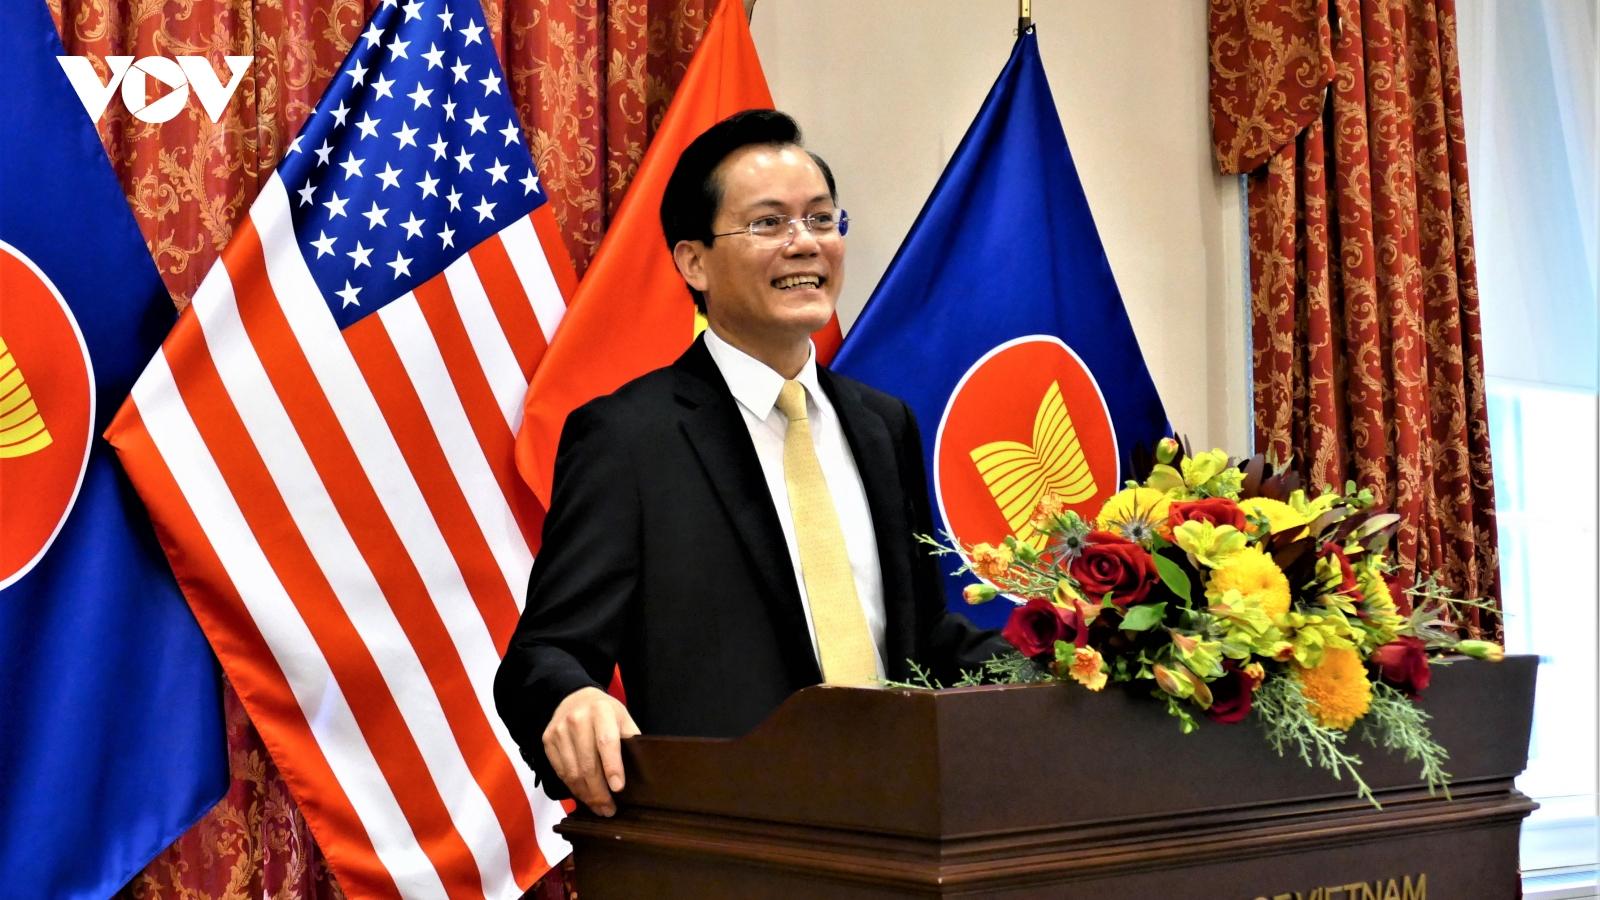 Đại sứ quán Việt Nam tại Hoa Kỳ tổ chức kỷ niệm 75 năm Quốc khánh